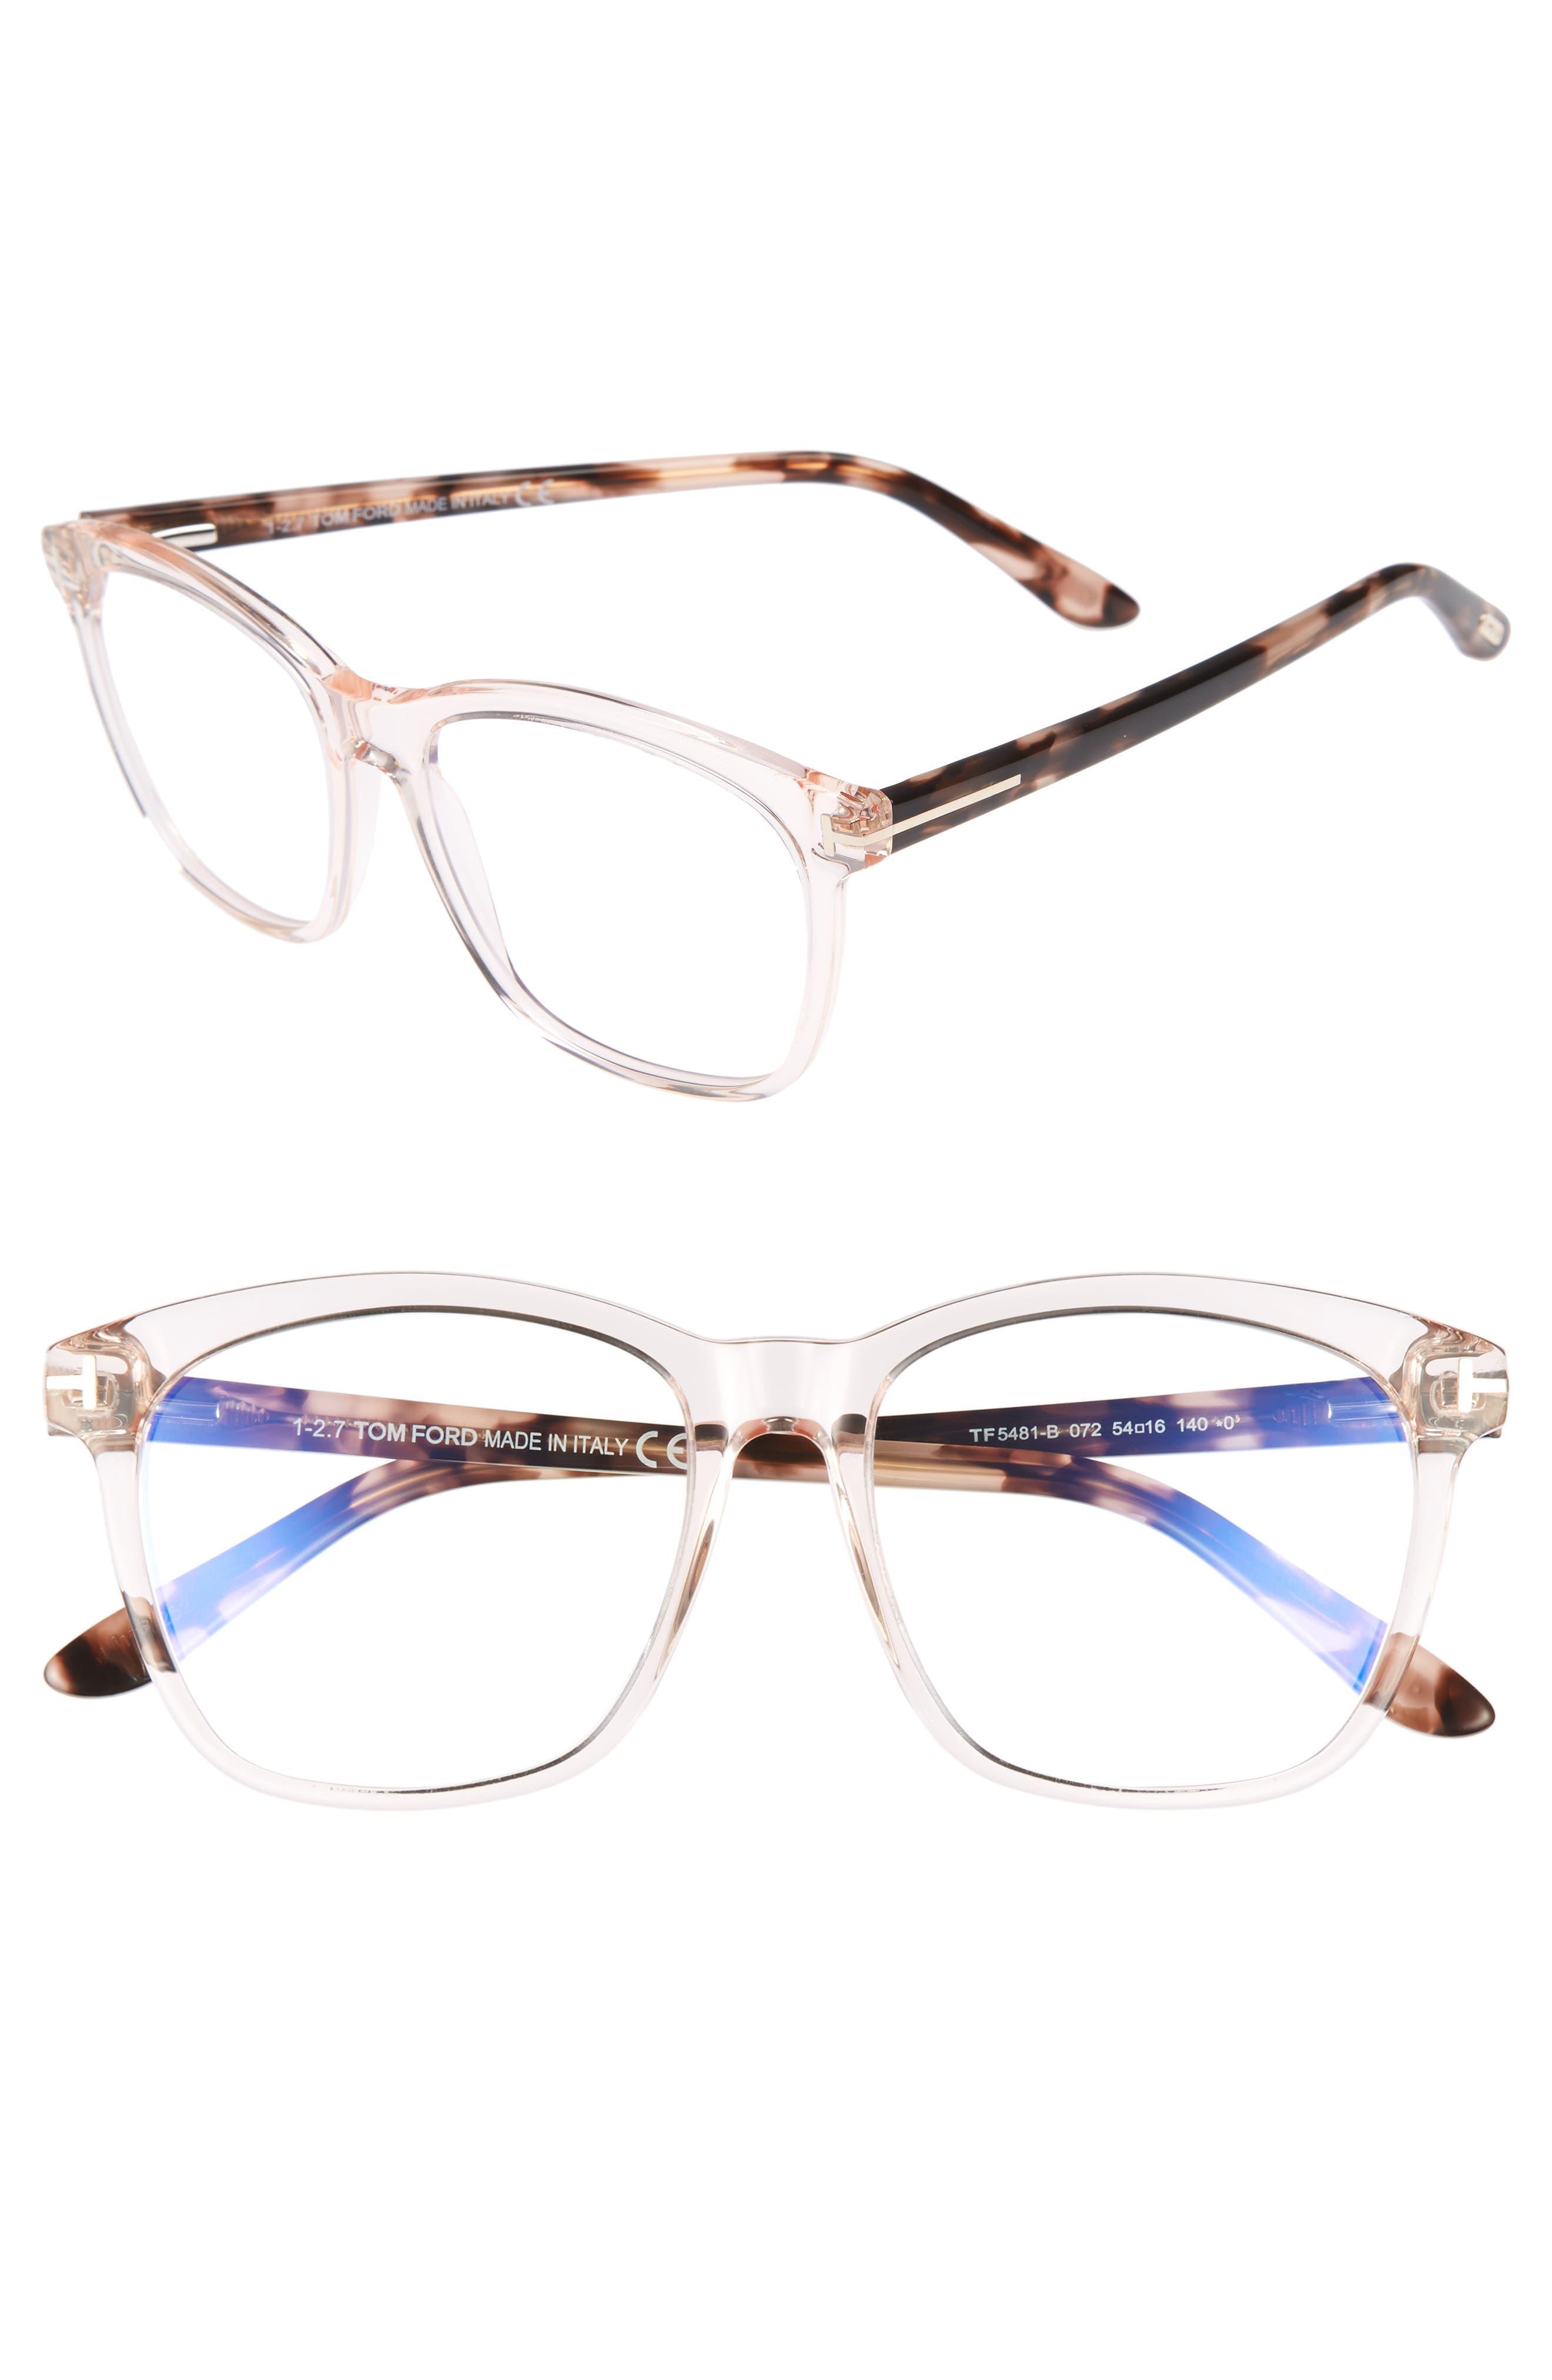 54mm Blue Block Optical Glasses,                         Main,                         color, Shiny Pink/ Vintage Havana